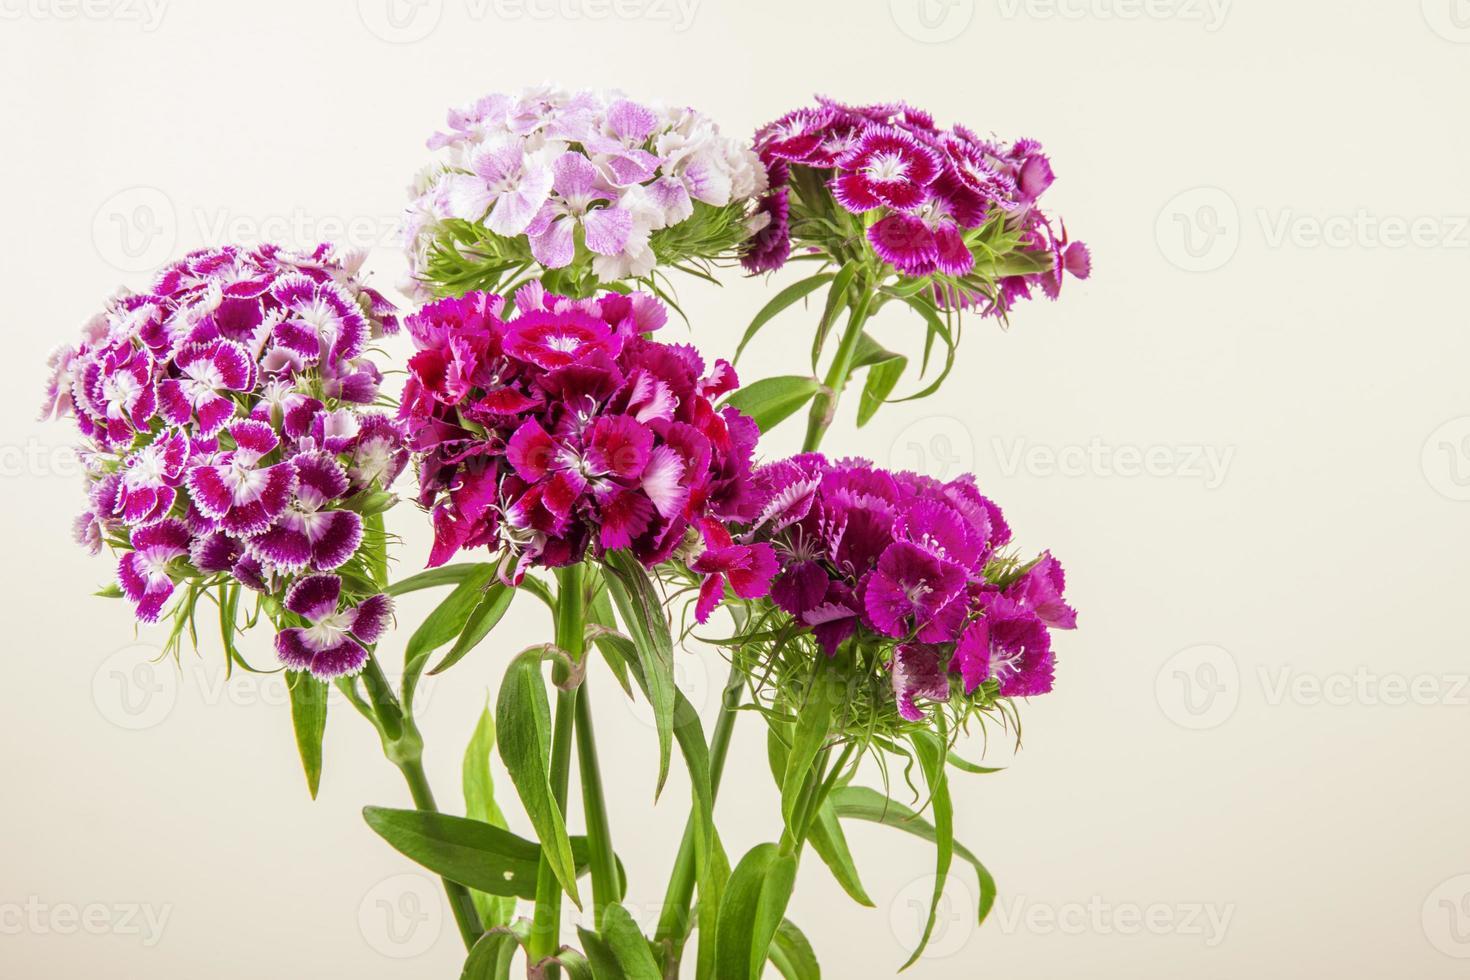 Bündel lila Nelken auf weißem Hintergrund foto